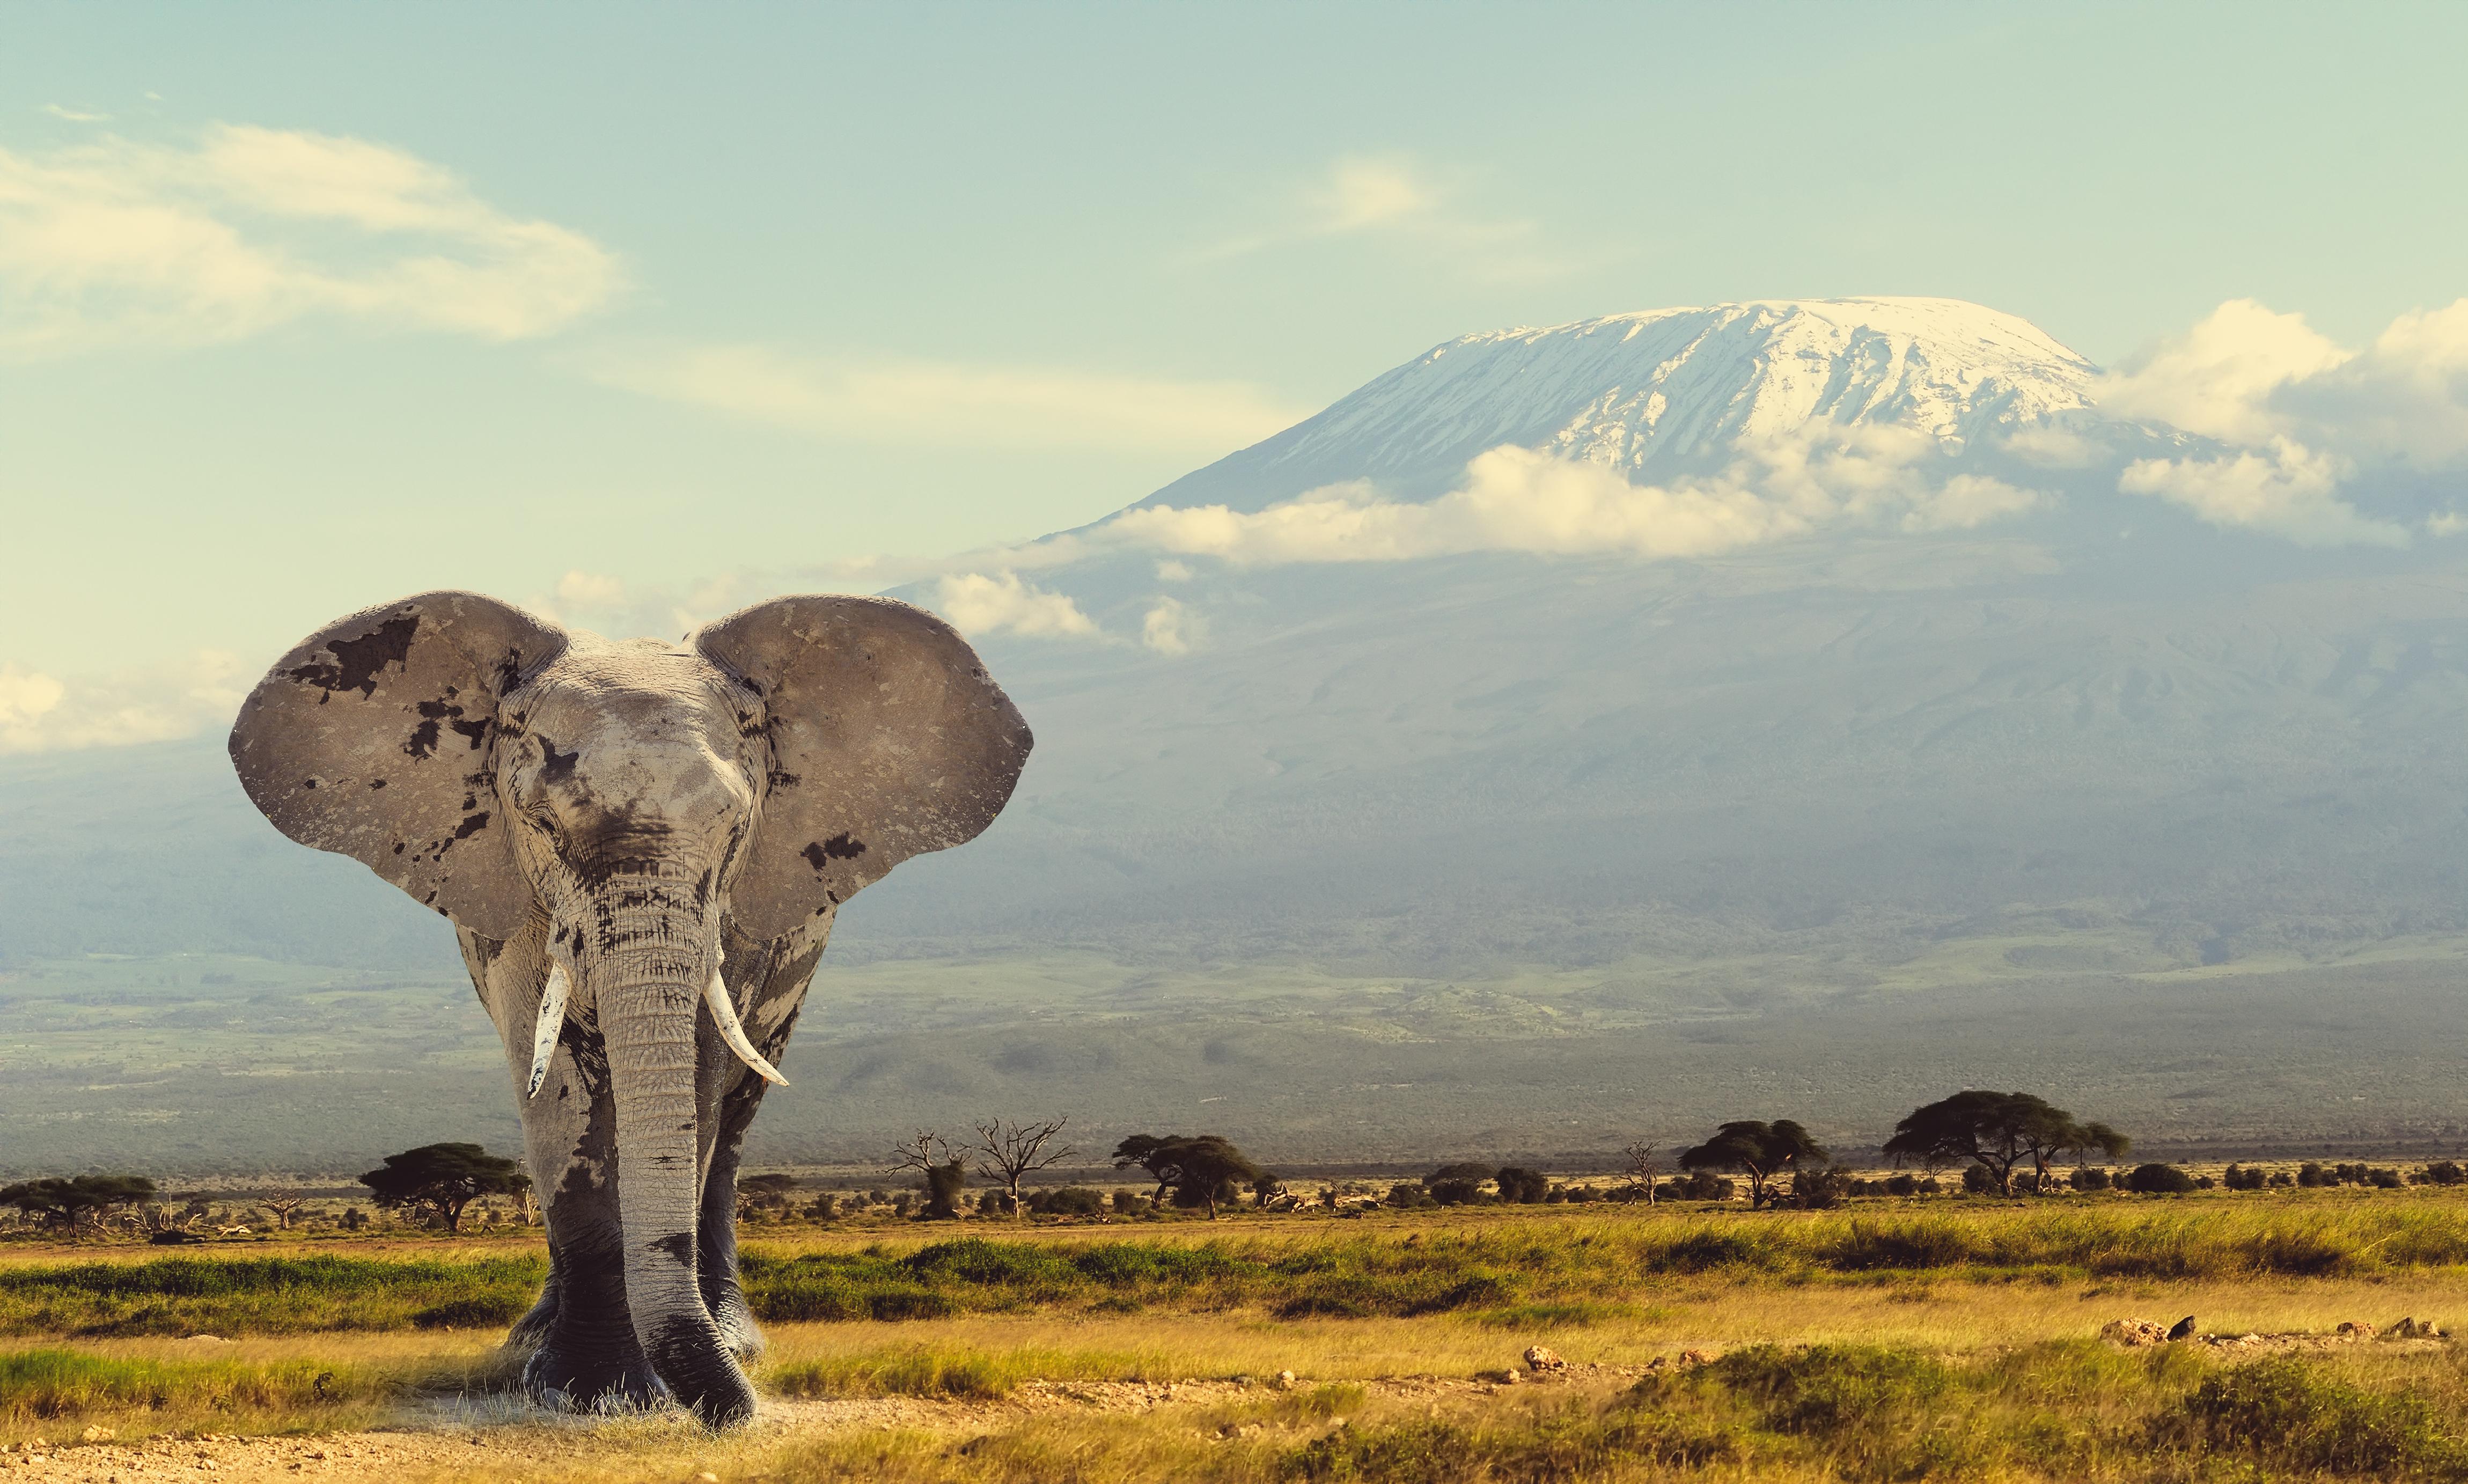 Destination image of United Republic Of Tanzania